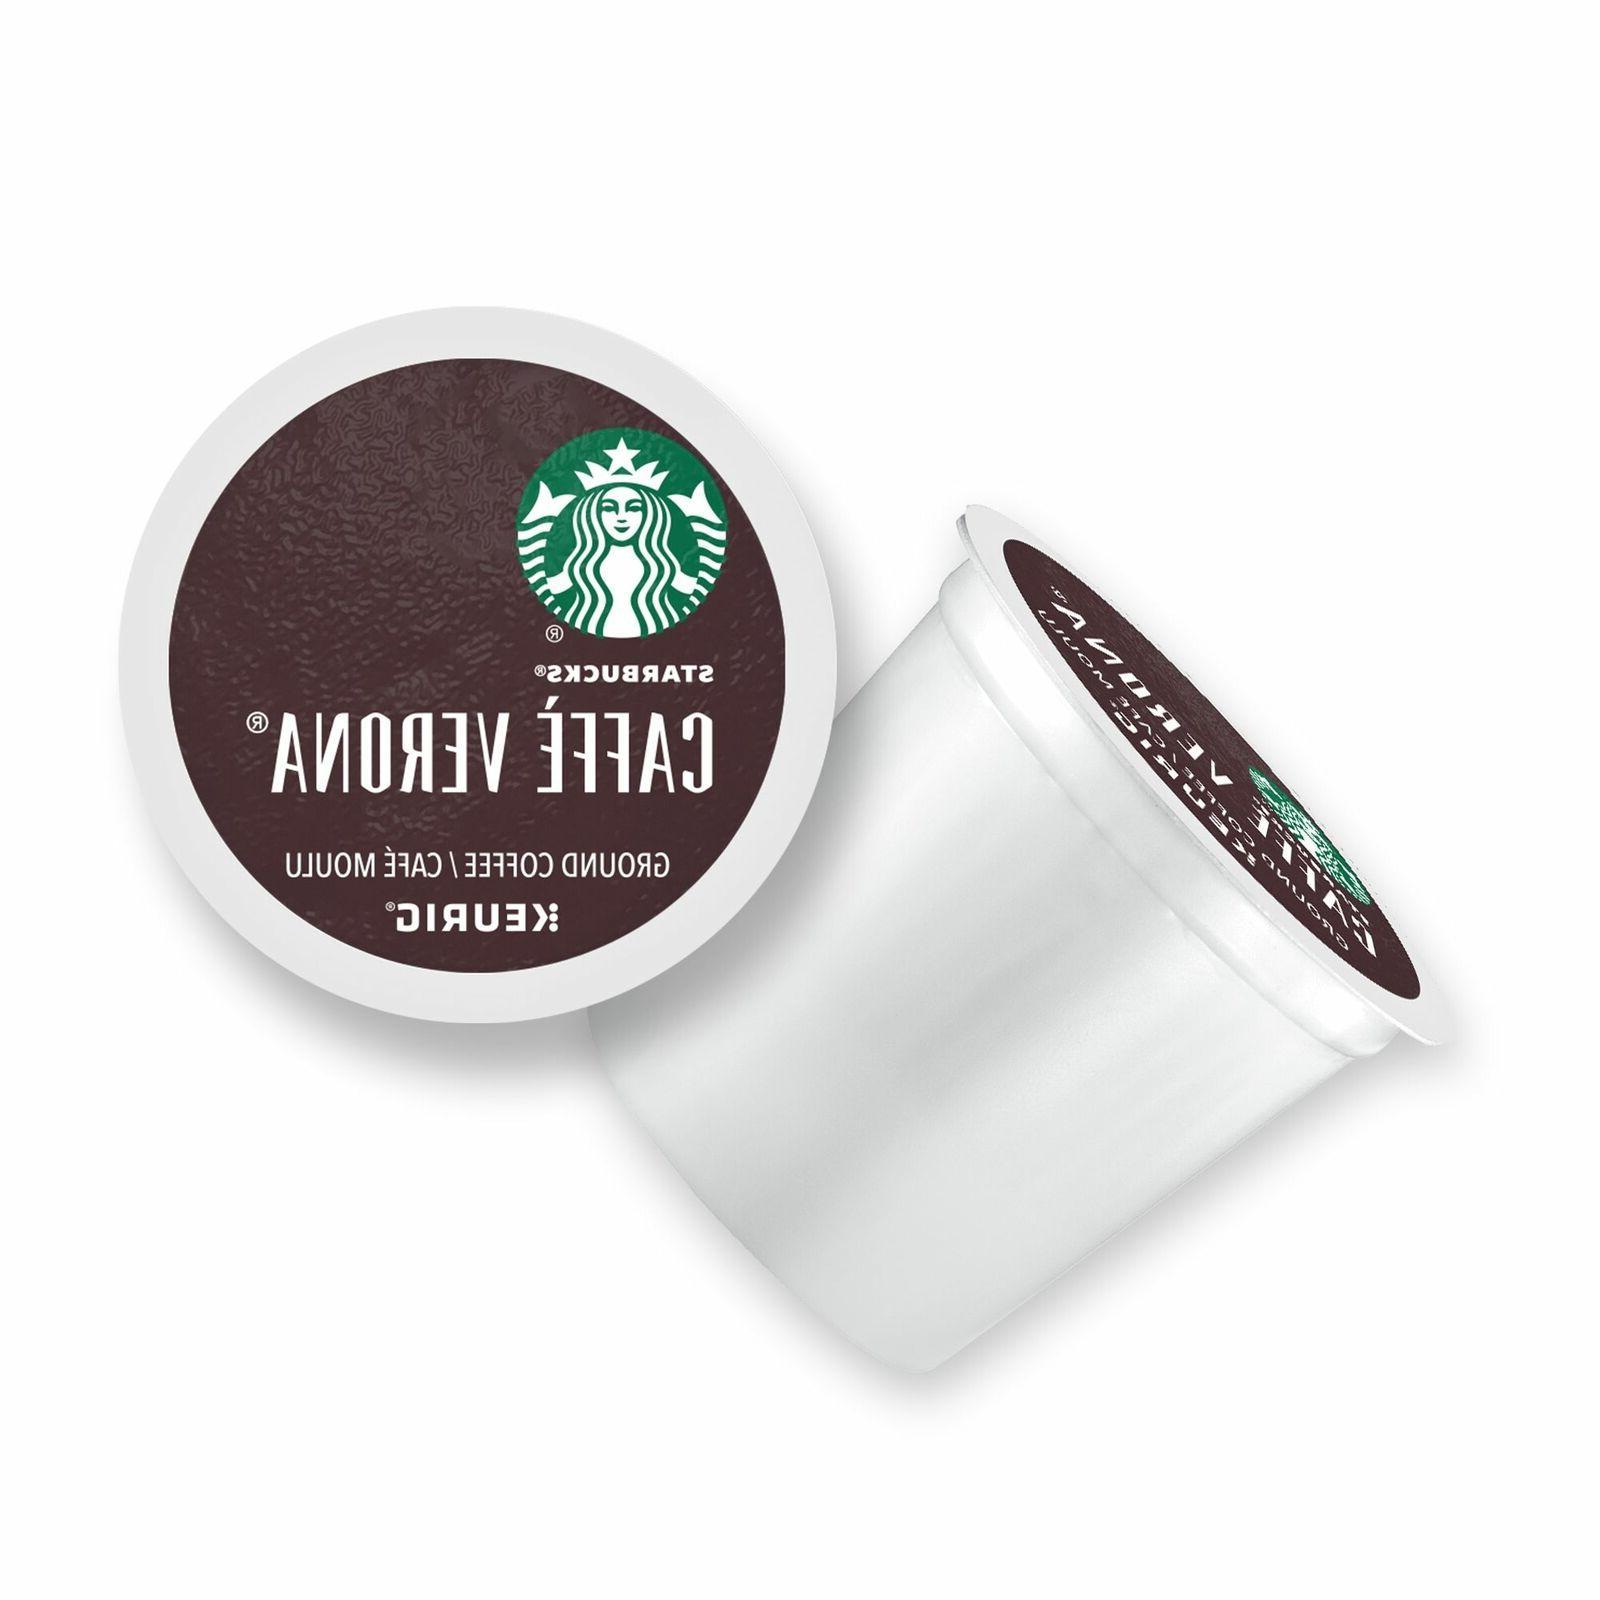 Starbucks Caffe K - 96 Count